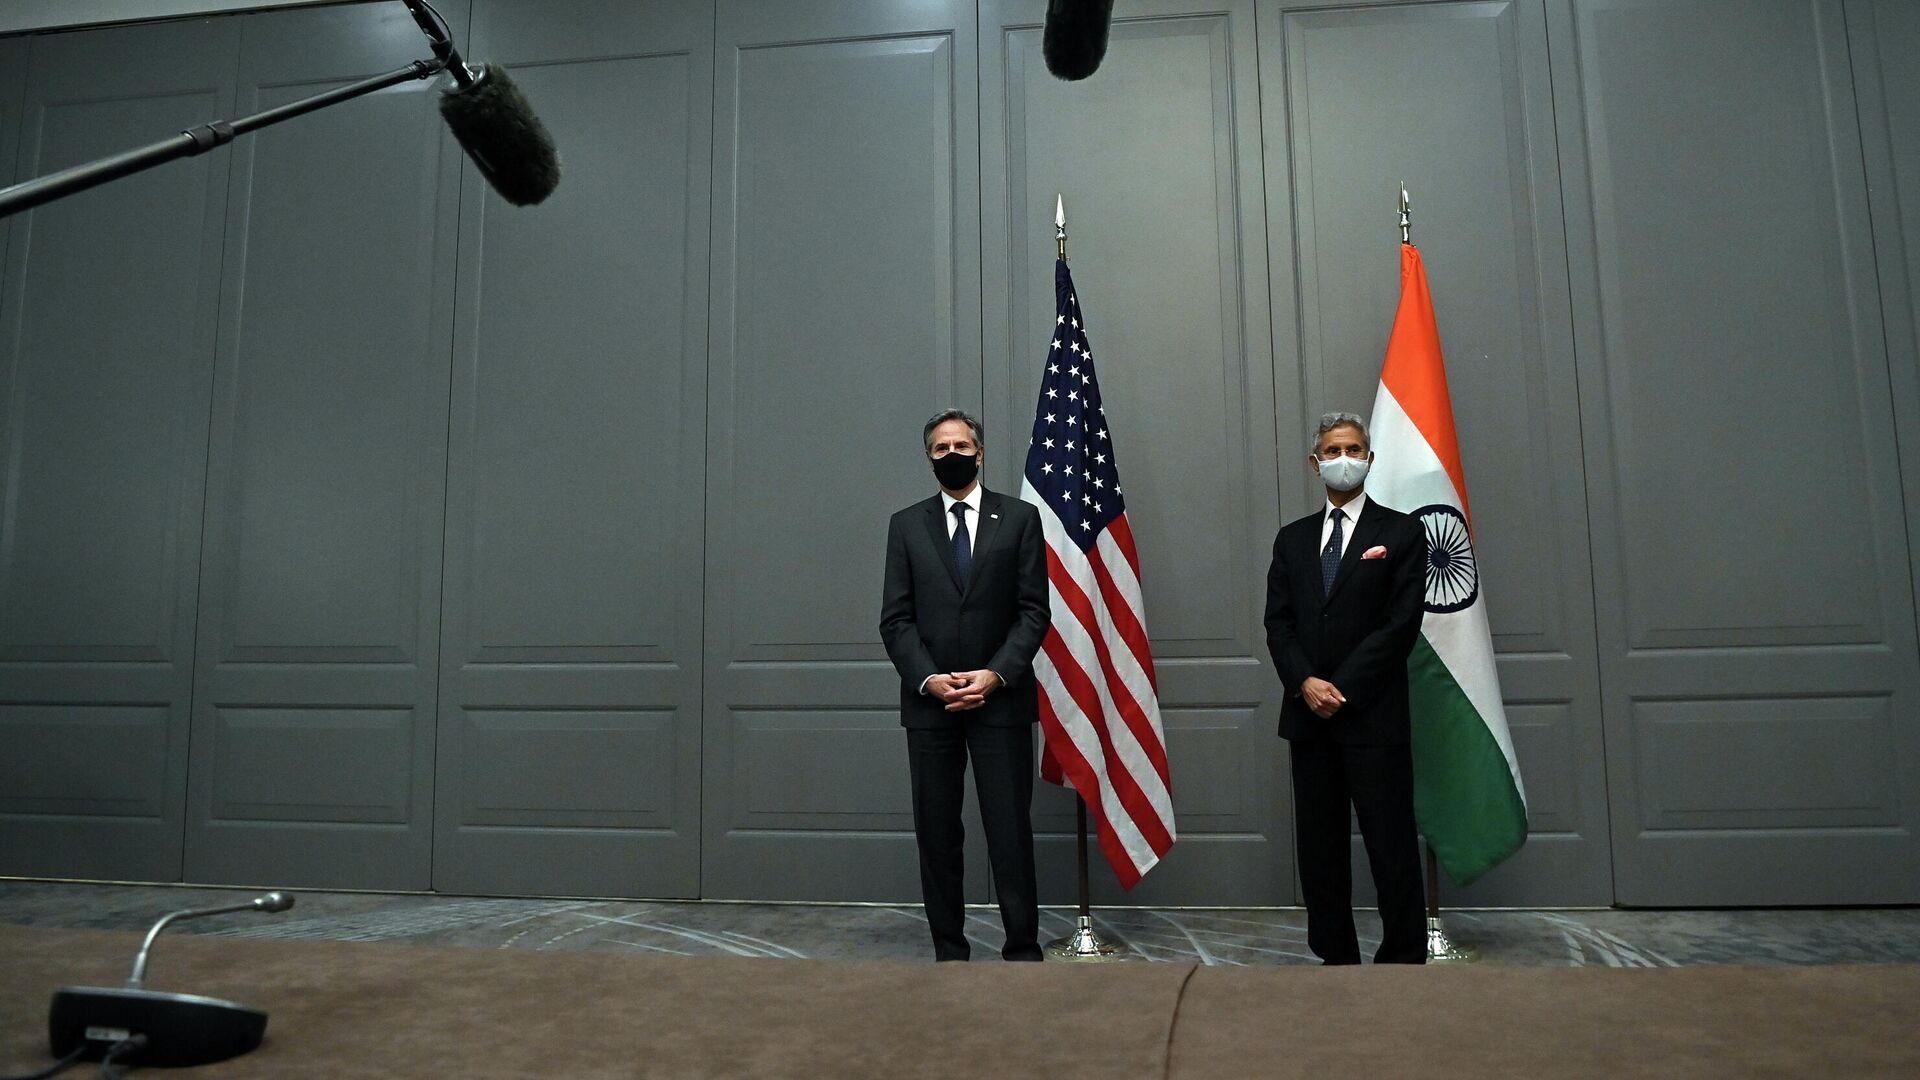 El secretario del Estado de EEUU, Antony Blinken, y el canciller indio, Subrahmanyam Jaishankar, durante G7 en Londres - Sputnik Mundo, 1920, 05.05.2021